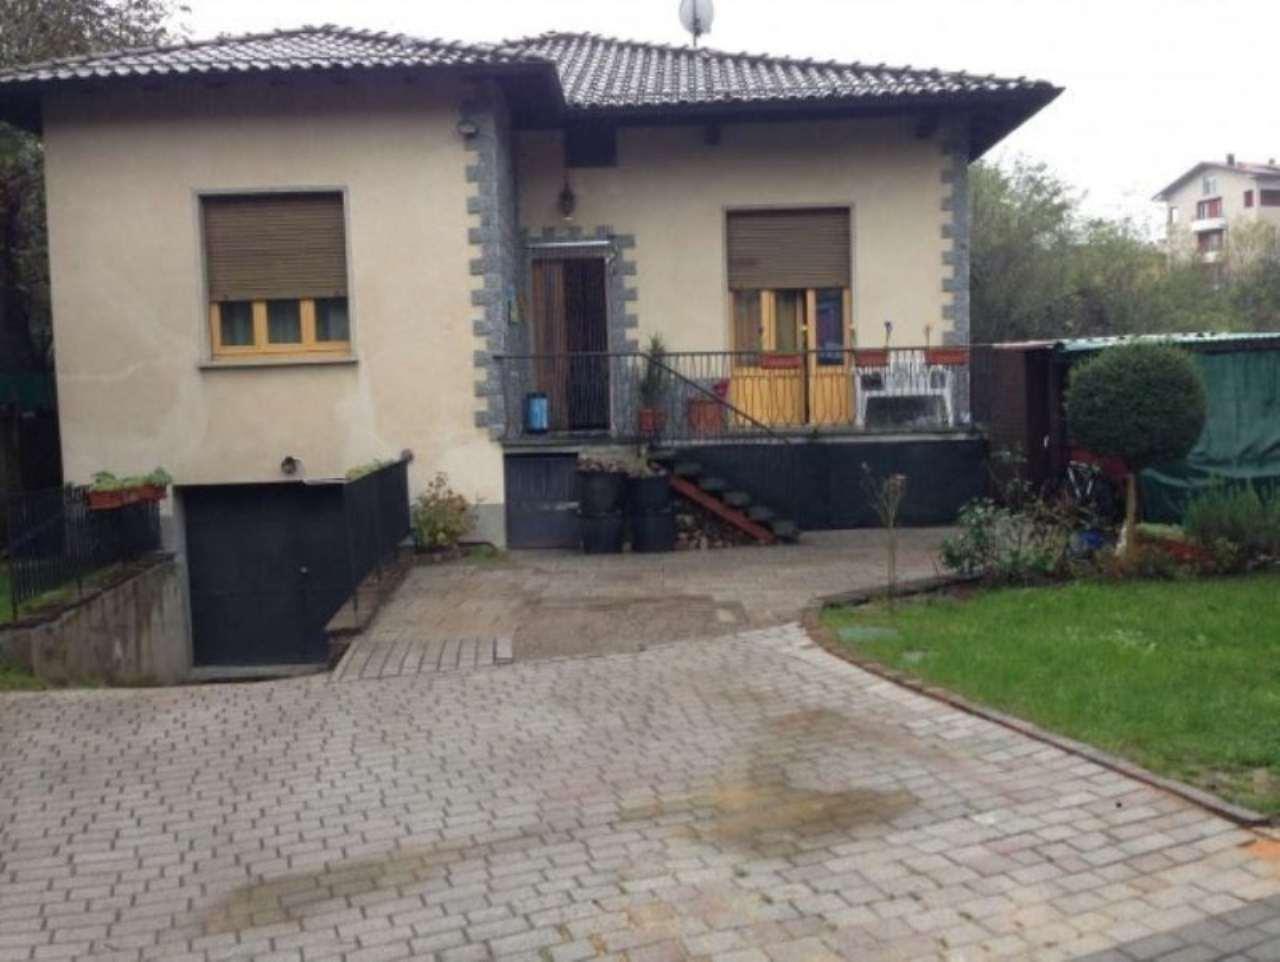 Soluzione Indipendente in vendita a Malnate, 3 locali, prezzo € 179.000 | Cambio Casa.it